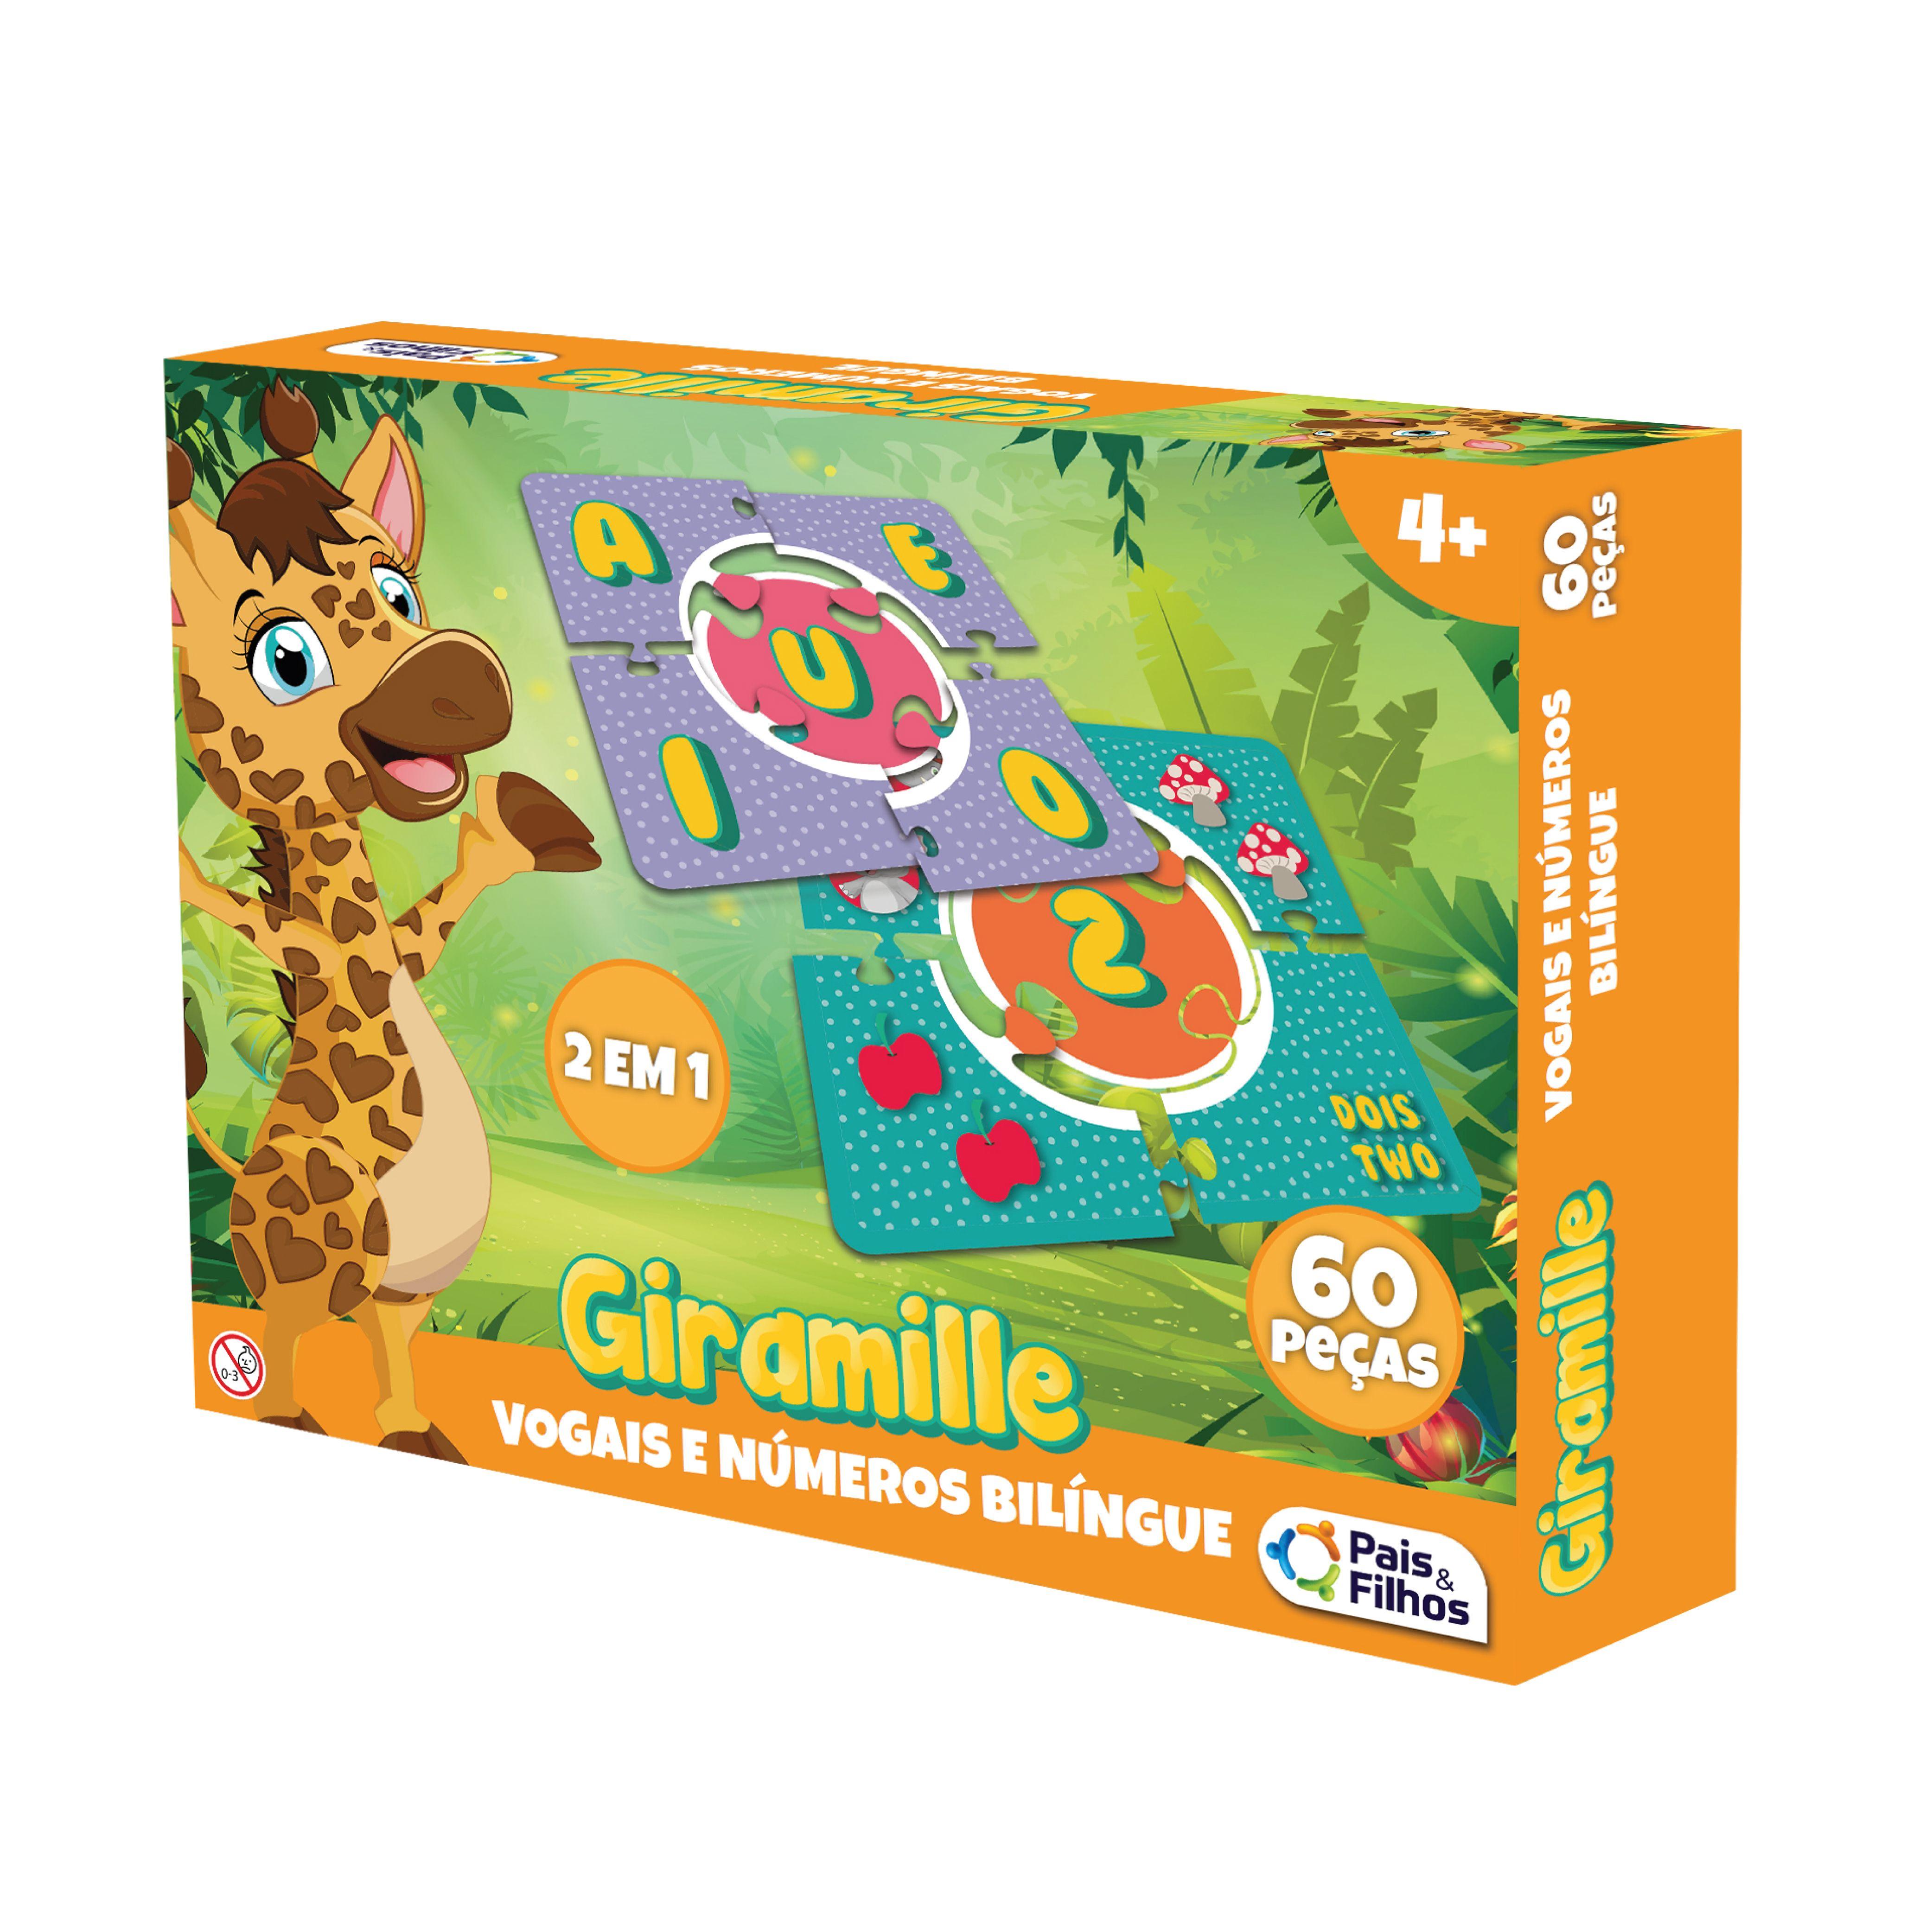 Giramille - Vogais e Números Bilíngue - 60 pçs-10787